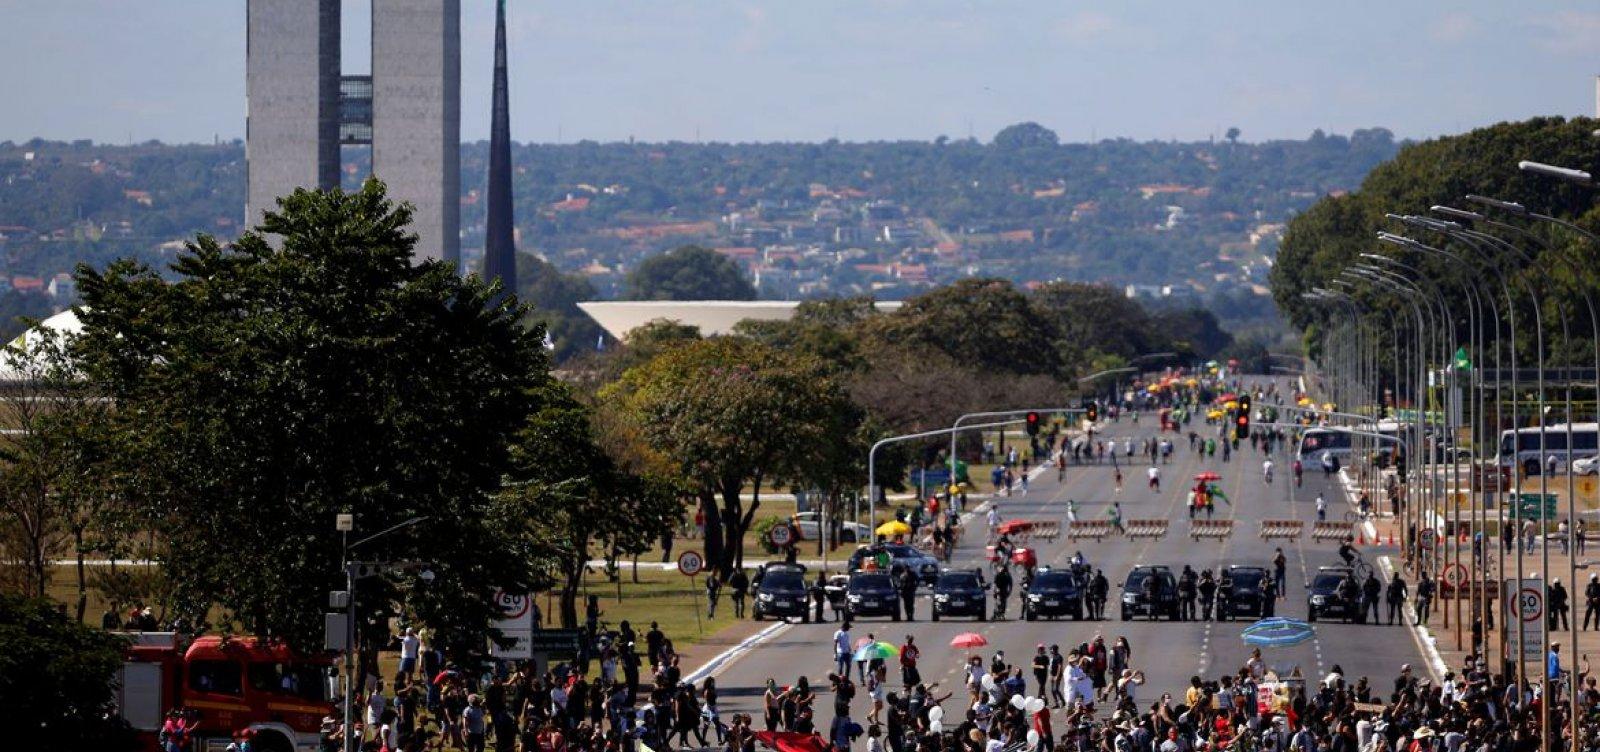 [Grupo protesta contra governo Bolsonaro em Brasília ]